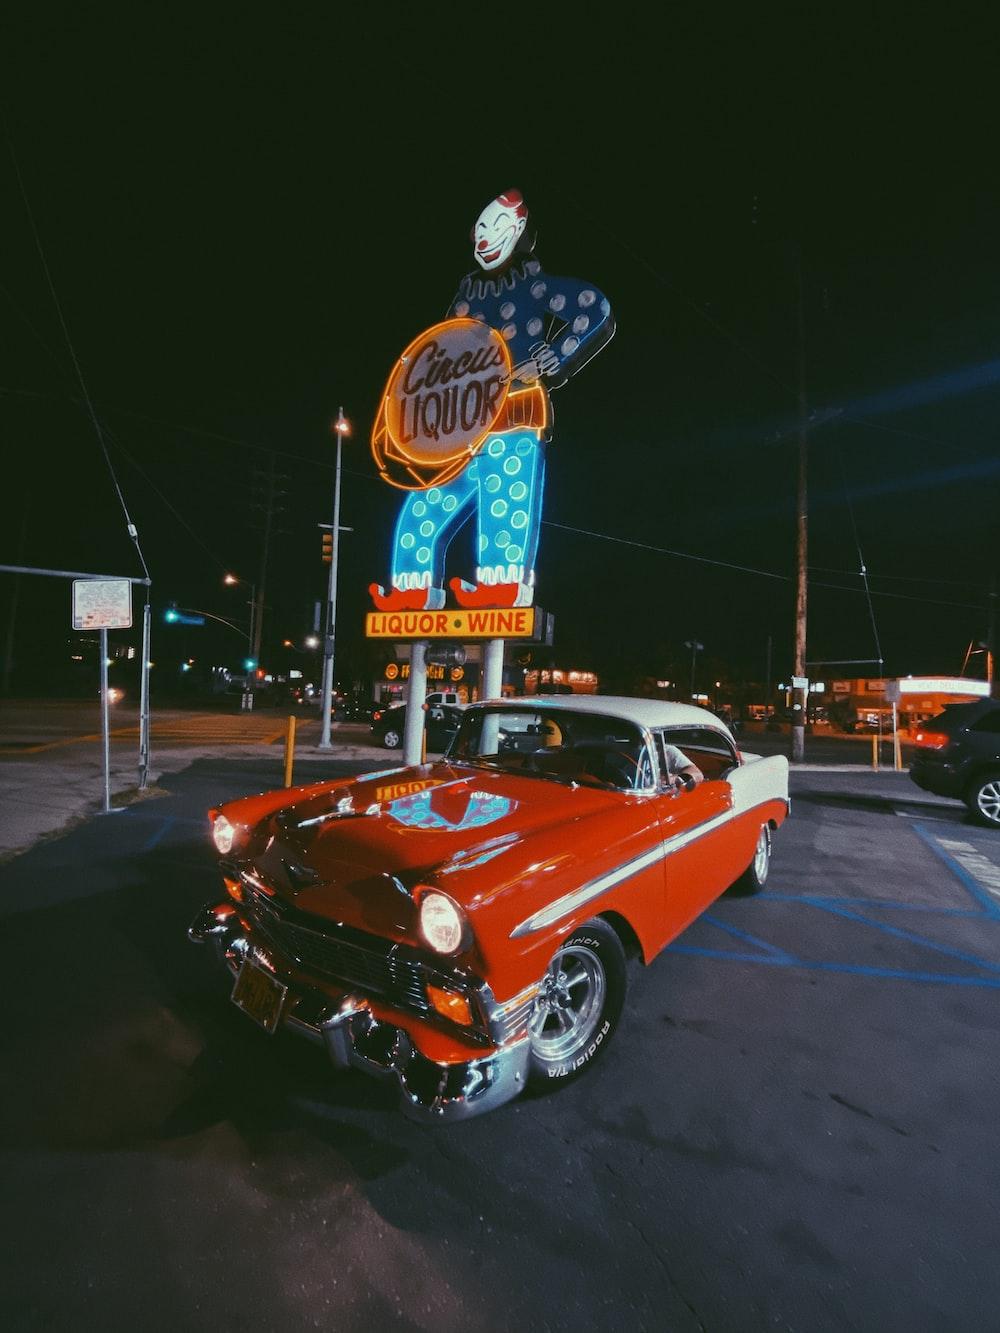 orange car on road during night time